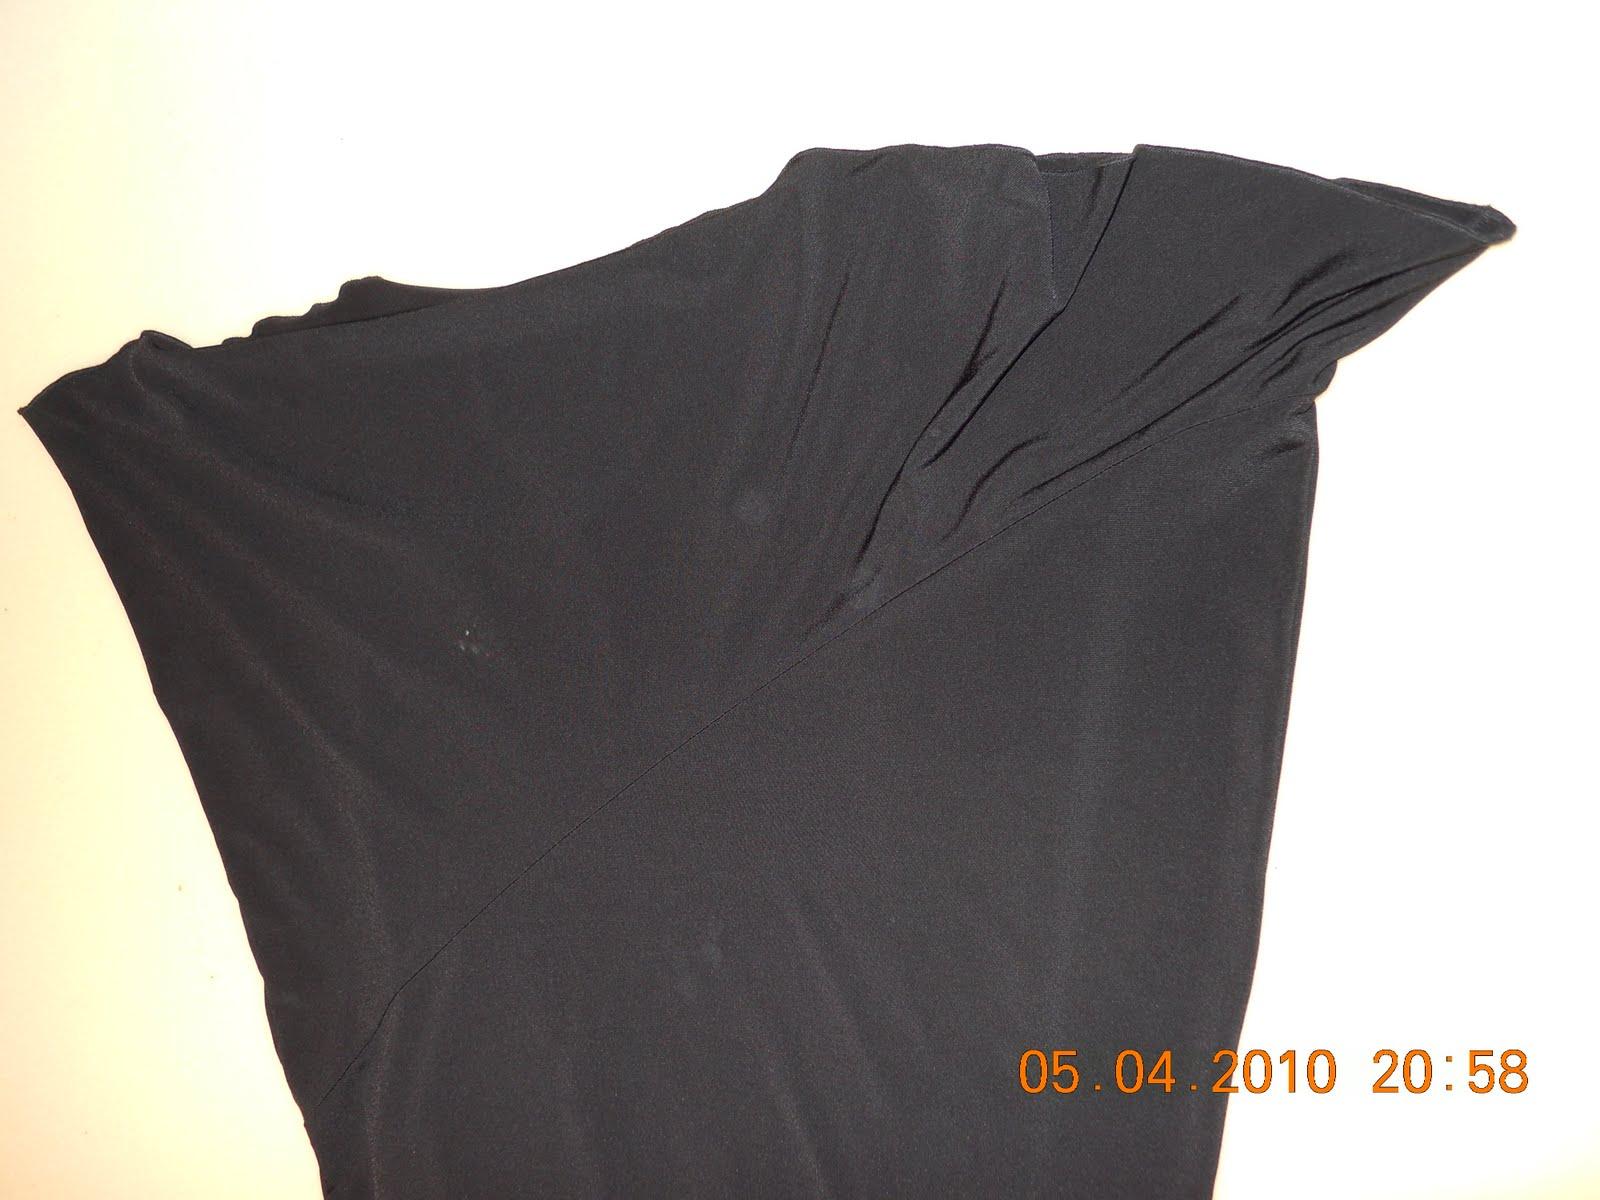 http://3.bp.blogspot.com/_Knd0hbyVy1Q/S-HVVwFwoRI/AAAAAAAAADo/M-hyRgbG50E/s1600/DSCN0181.JPG